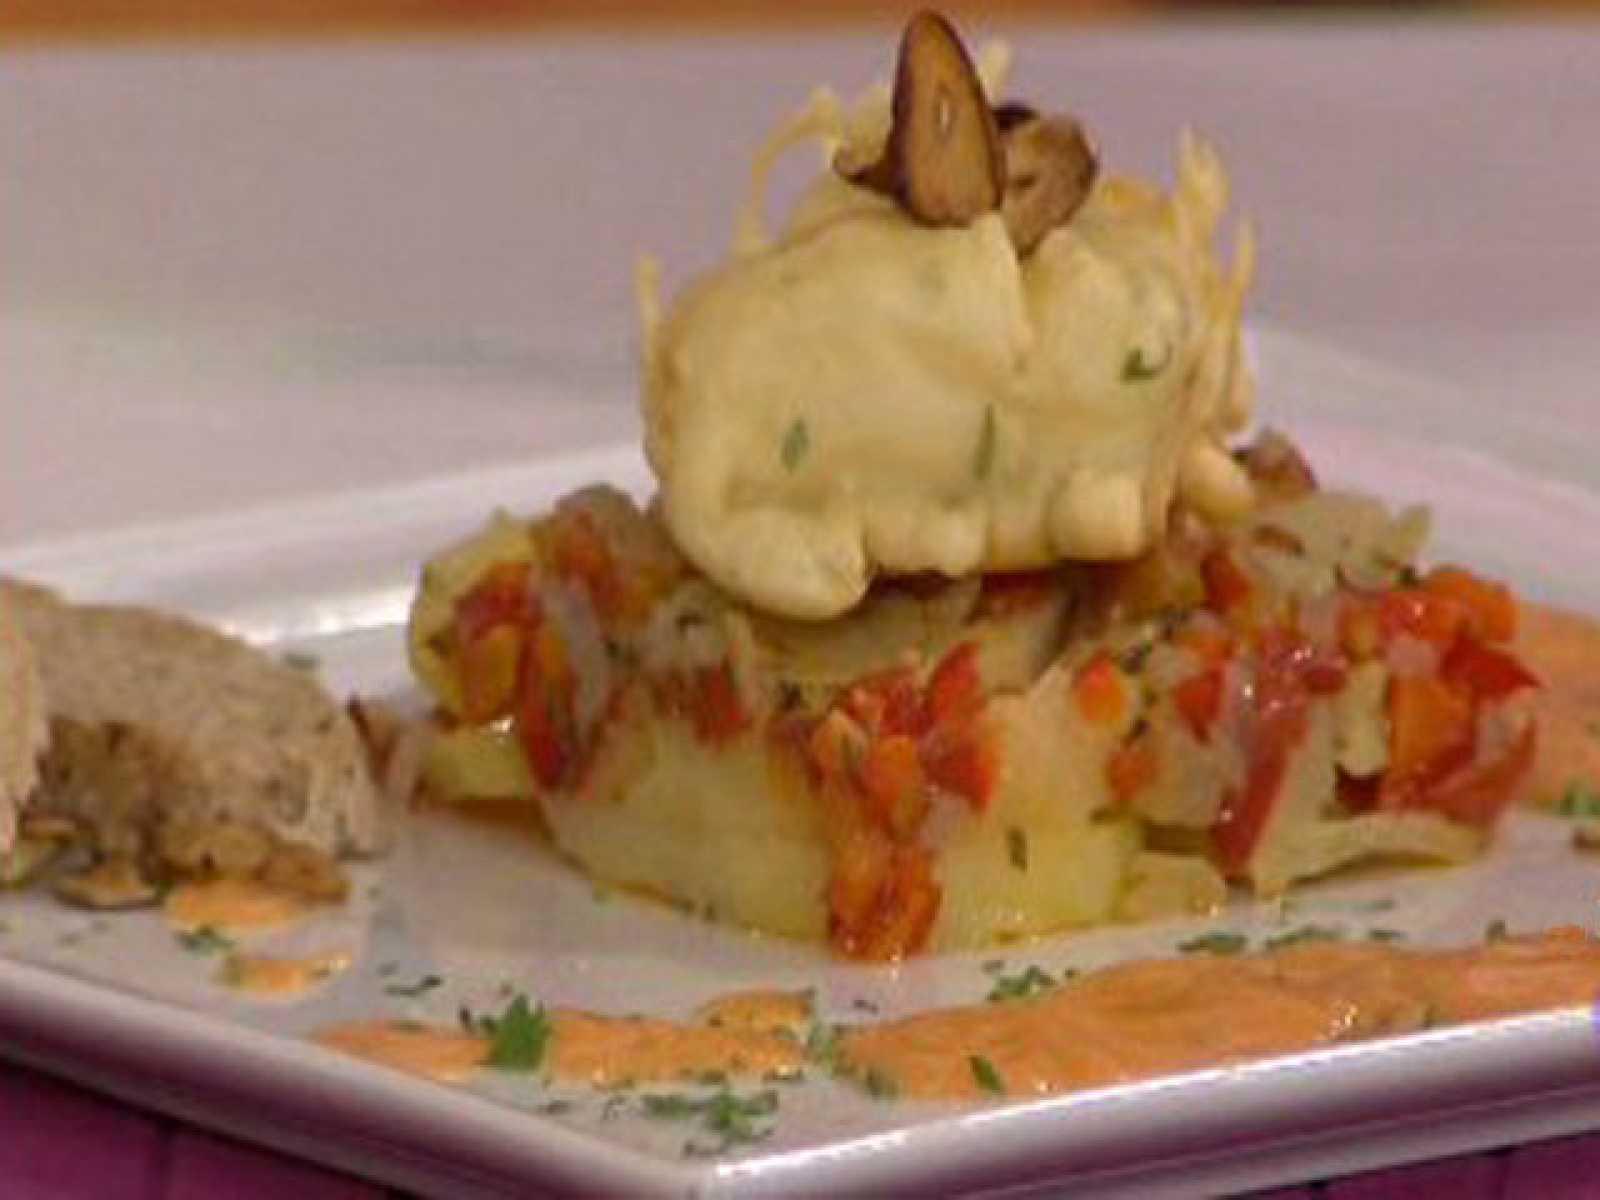 Bacalao con leche rebozado a la panadera 16 02 11 - Cocinar bacalao congelado ...